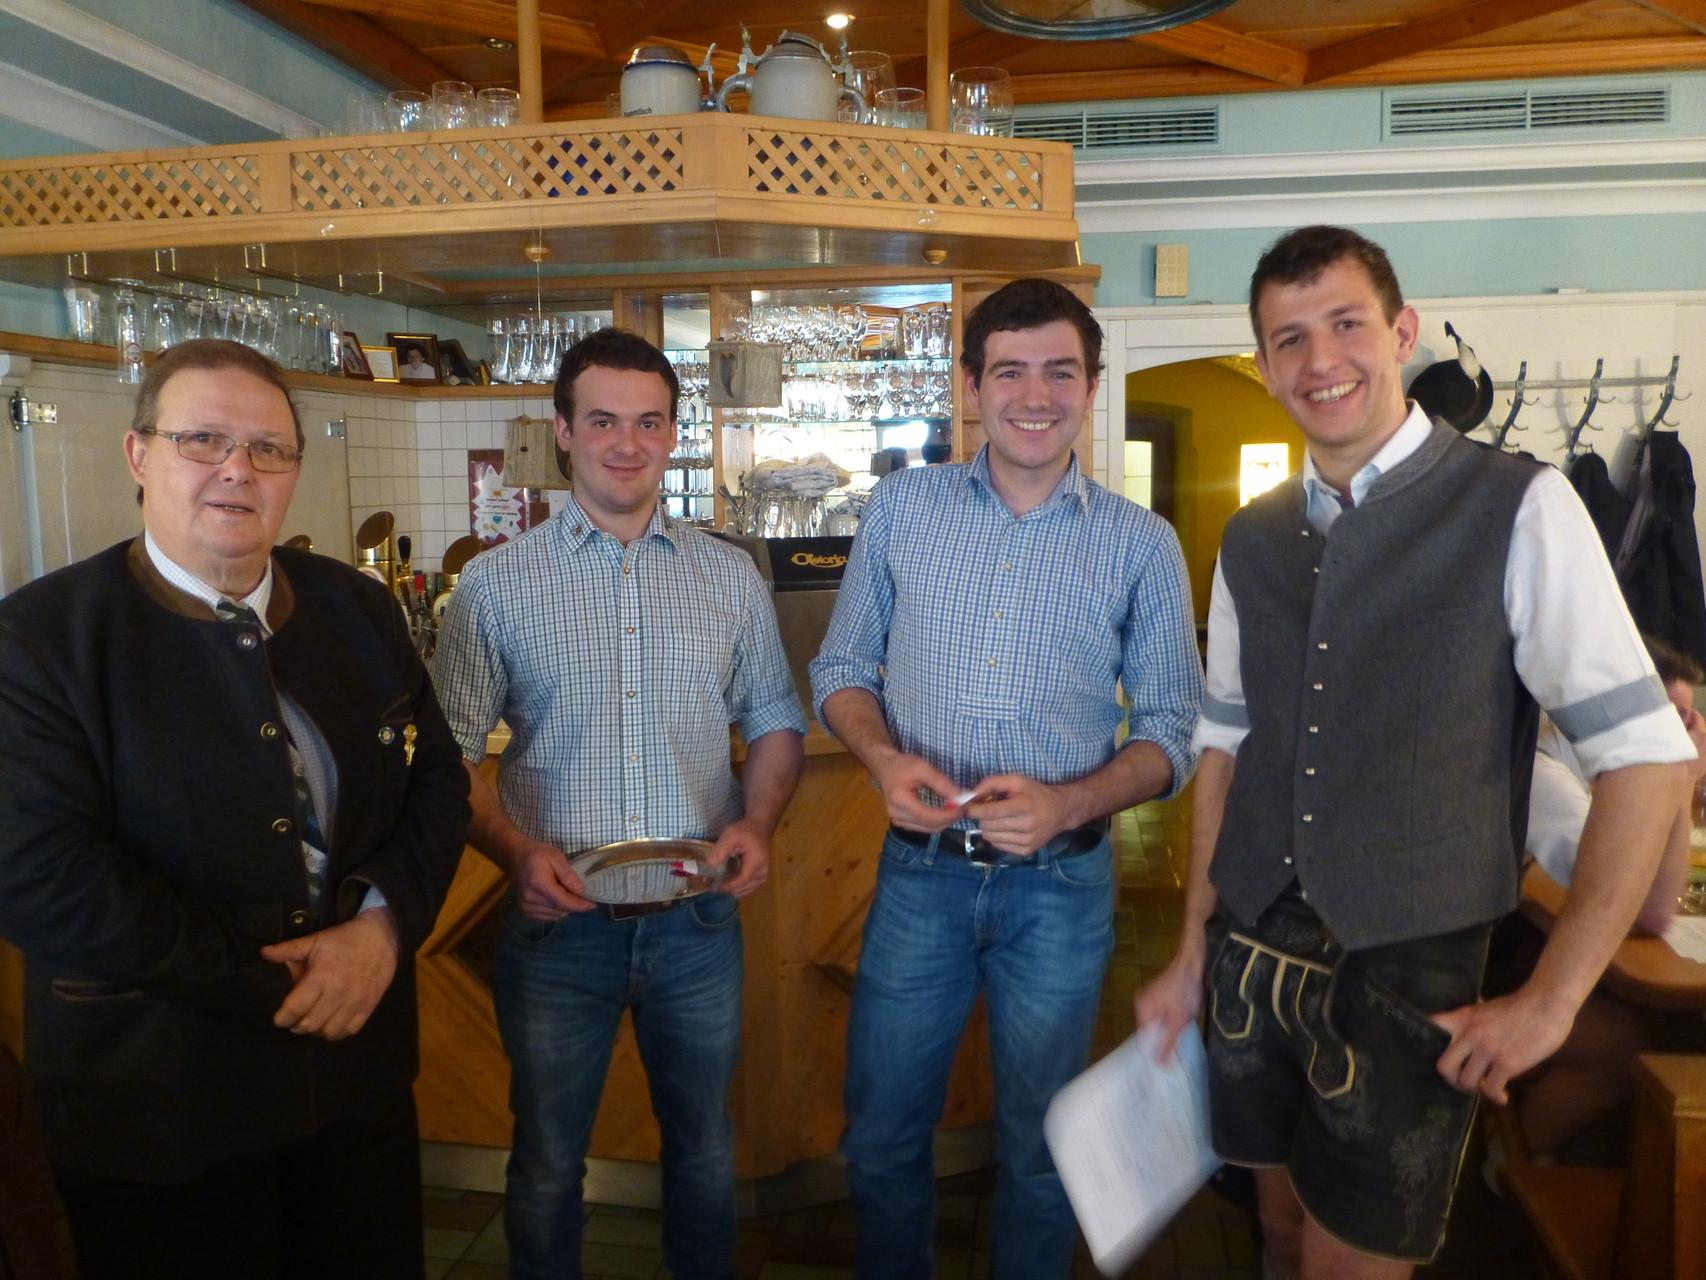 Neureiter Michael - Ehrung LVHV Salzburg in Bronze (10 Jahre Mitgliedschaft)